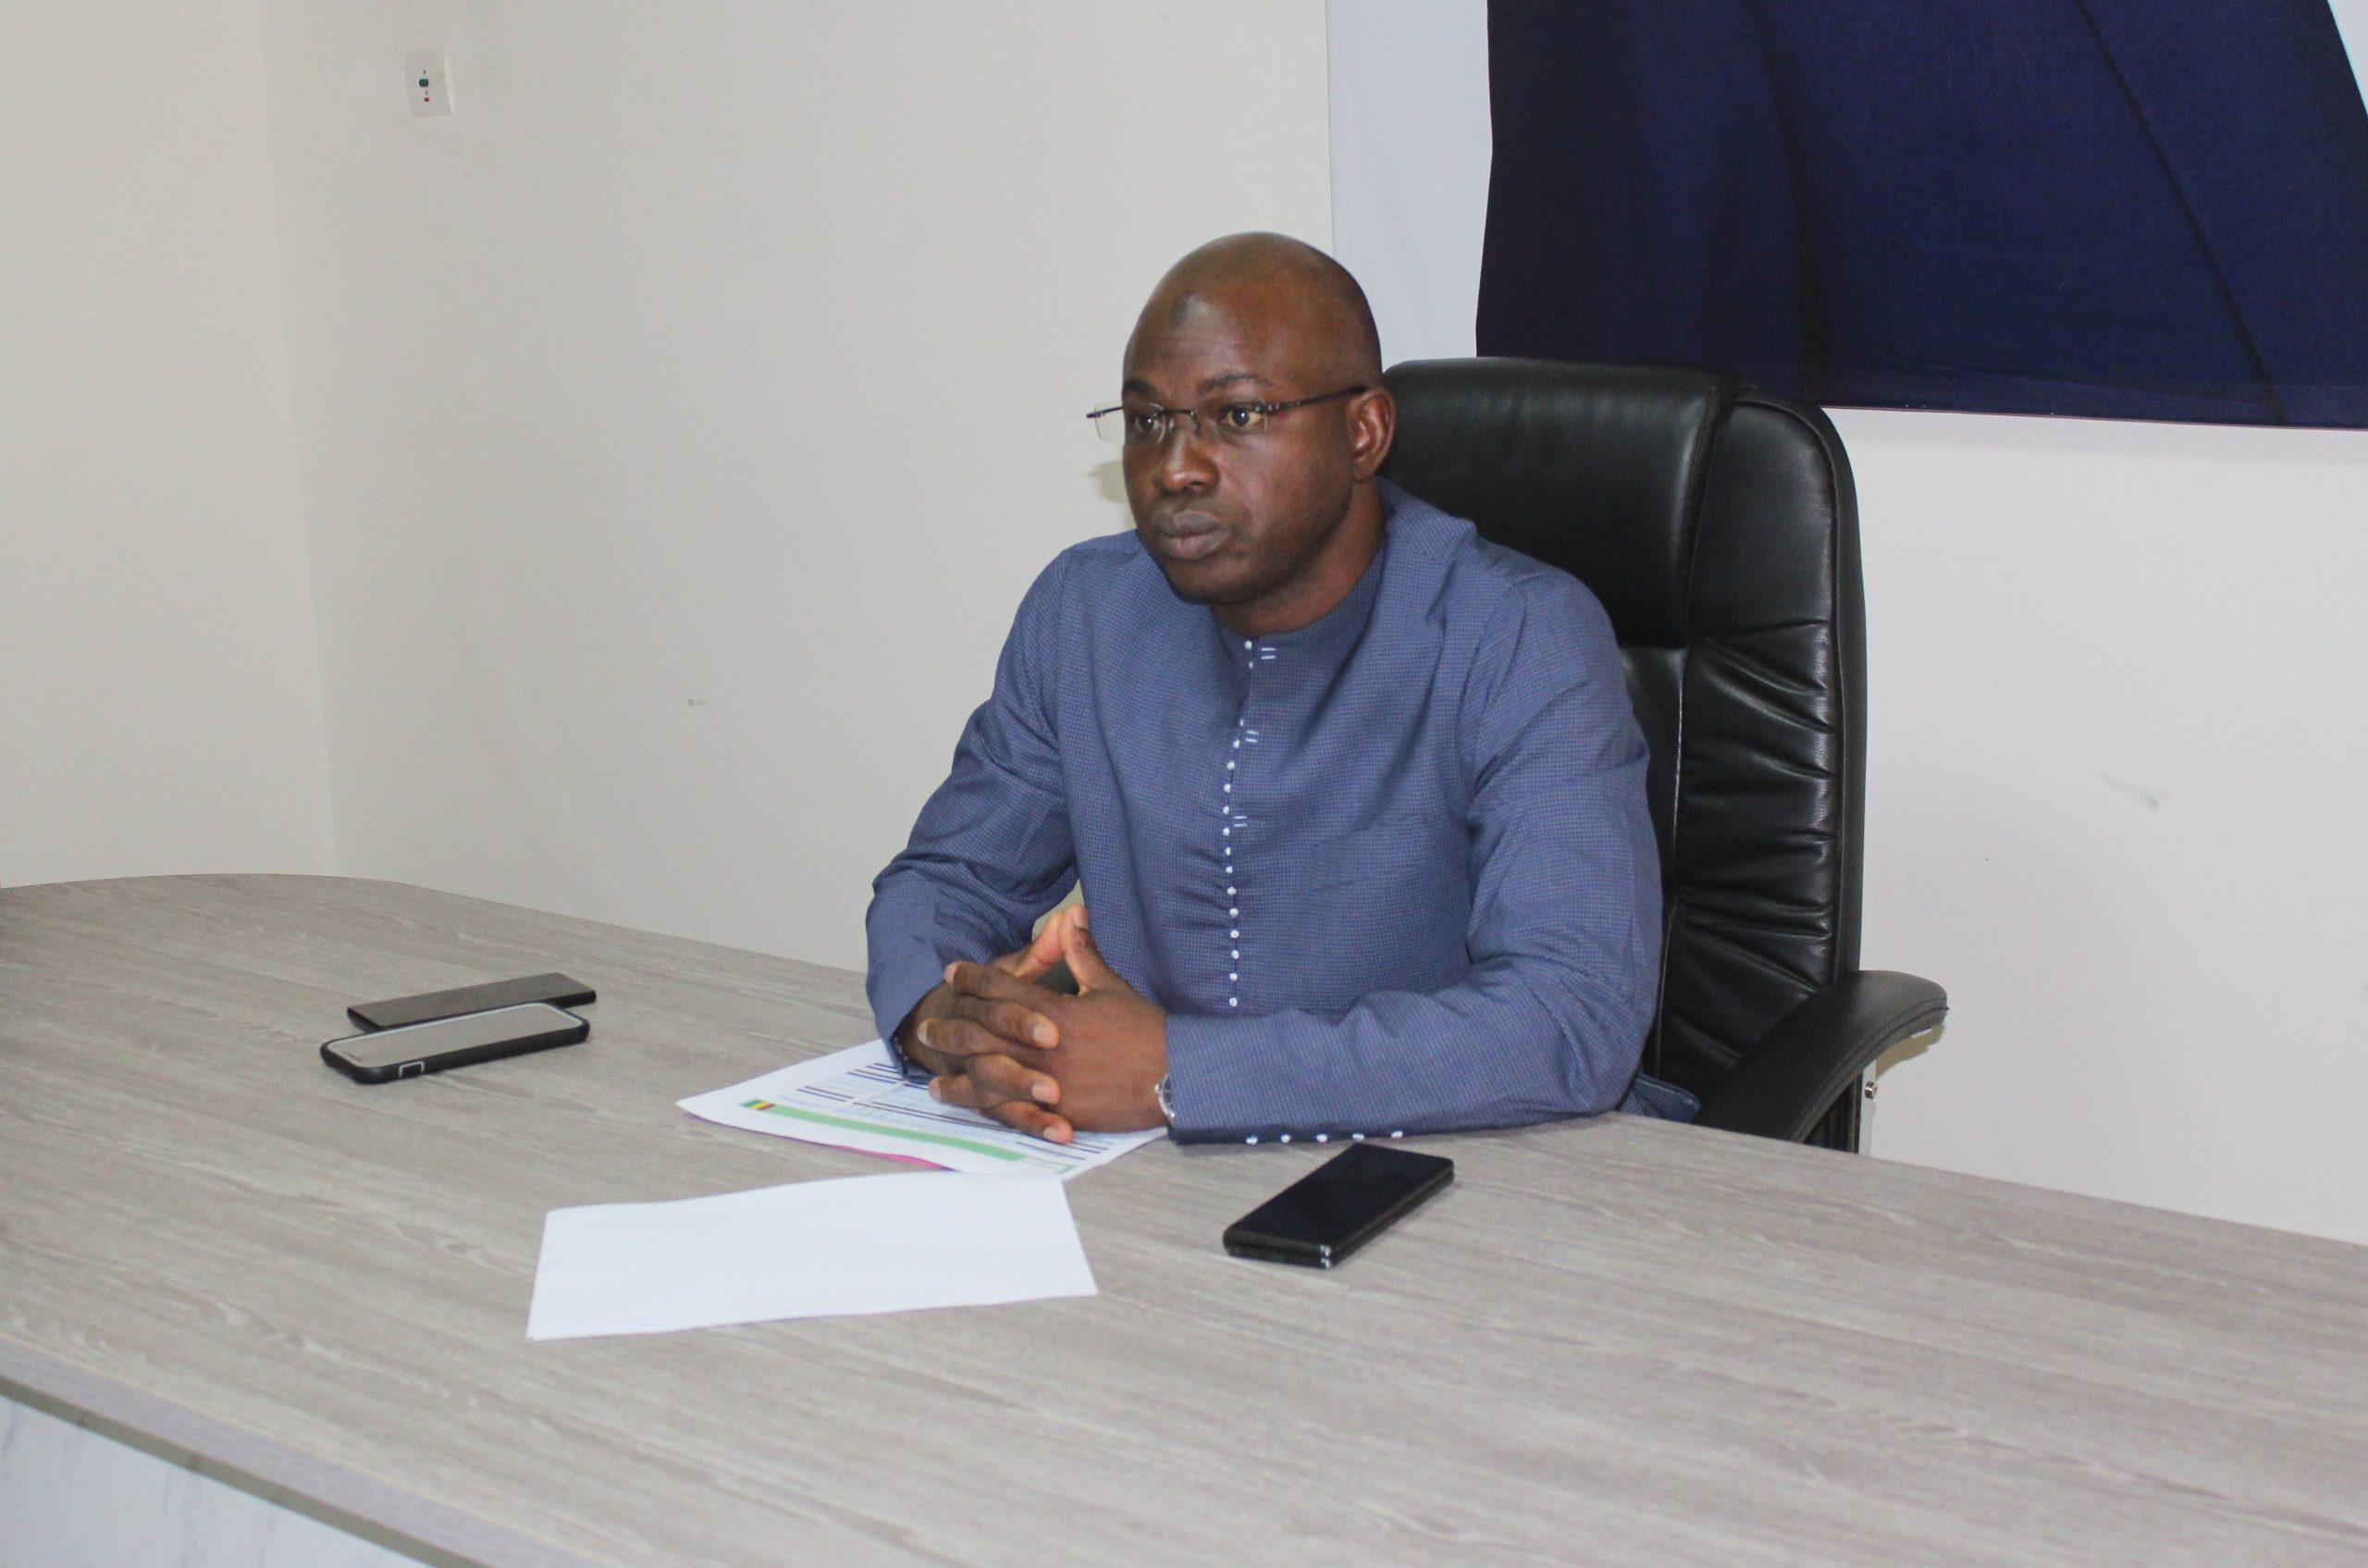 Compte rendu de la réunion de Cabinet hebdomadaire du Ministère du Budget de ce lundi 3 mai 2021